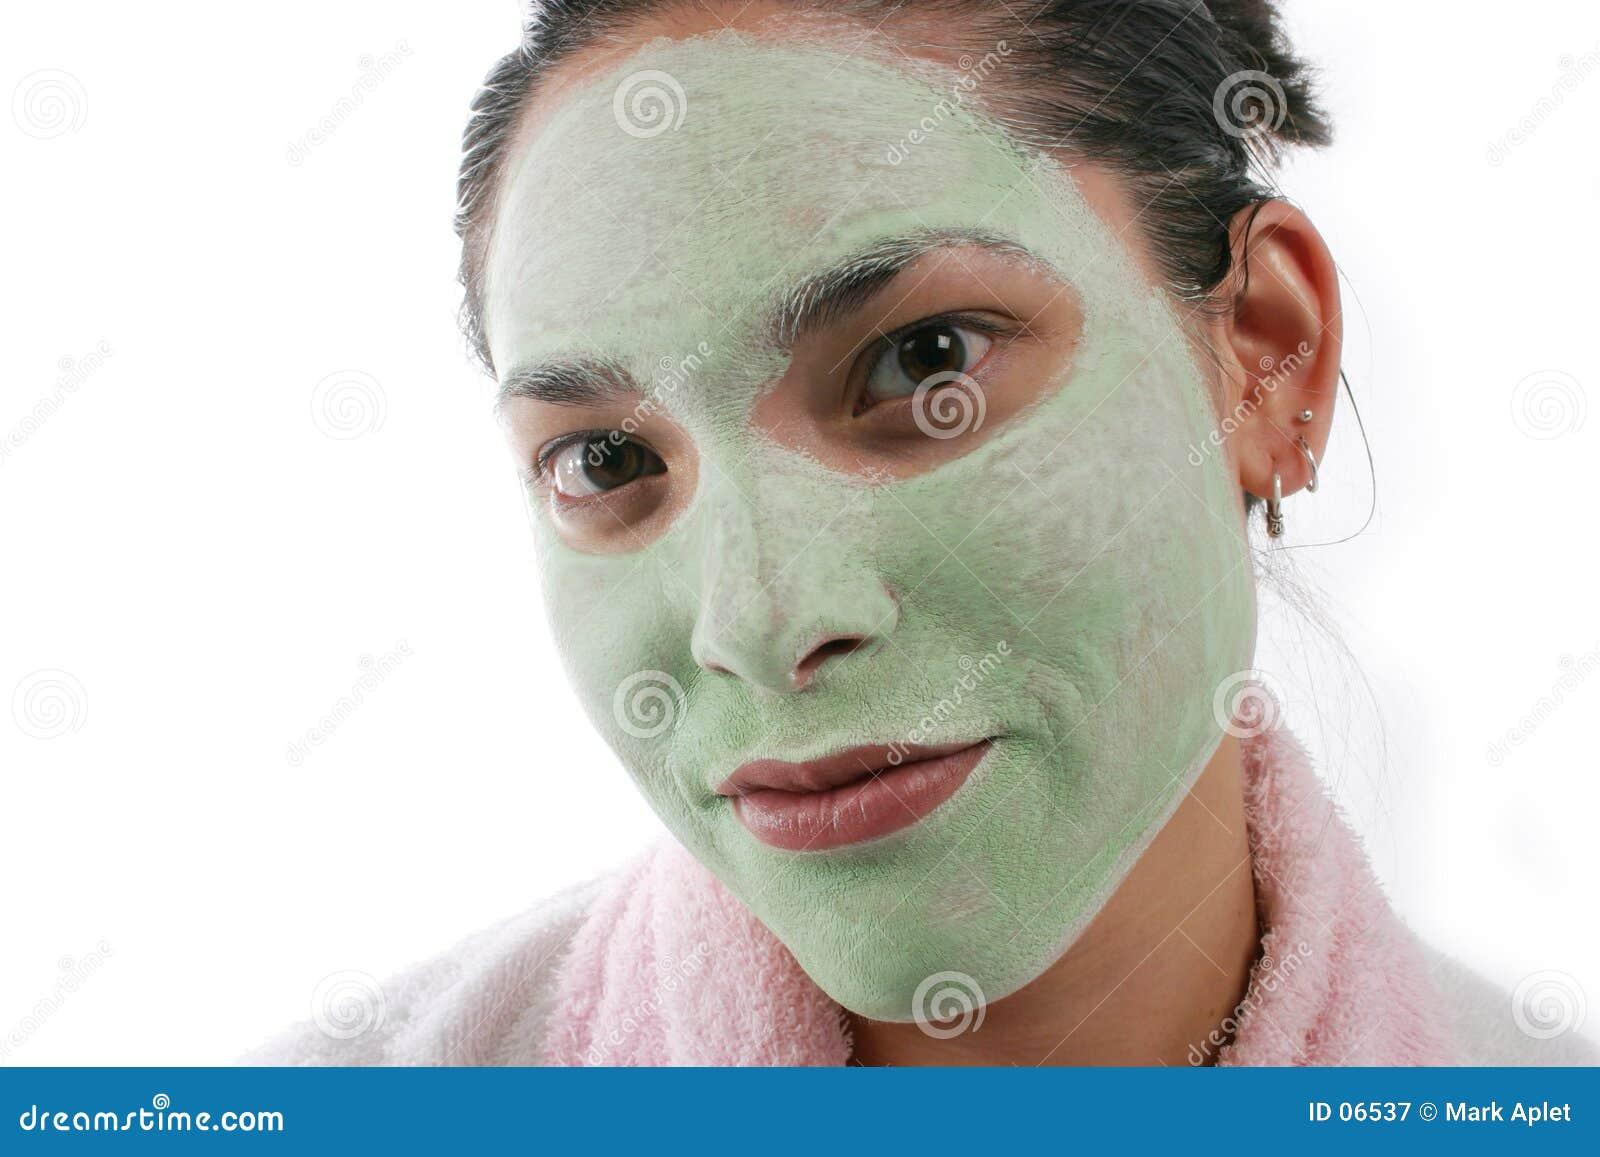 Balneario y facial